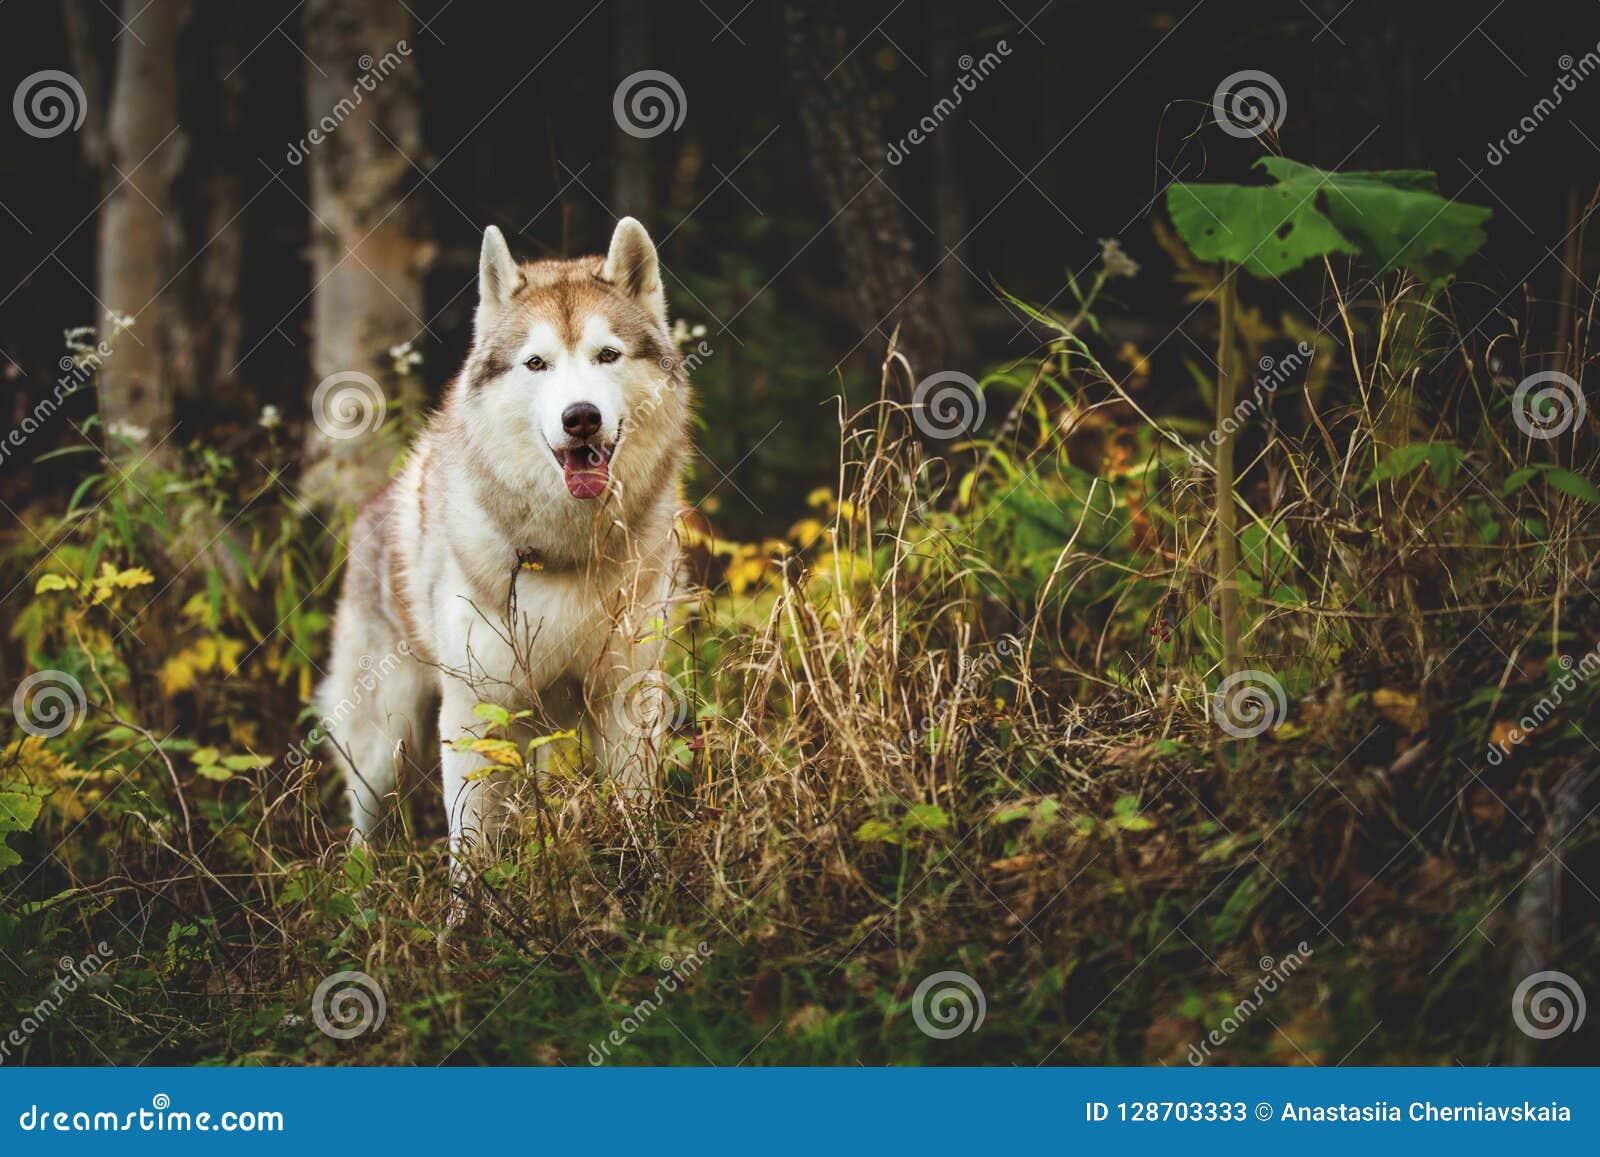 Πορτρέτο του πανέμορφου σιβηρικού γεροδεμένου σκυλιού που στέκεται στο φωτεινό γοητευτικό δάσος πτώσης